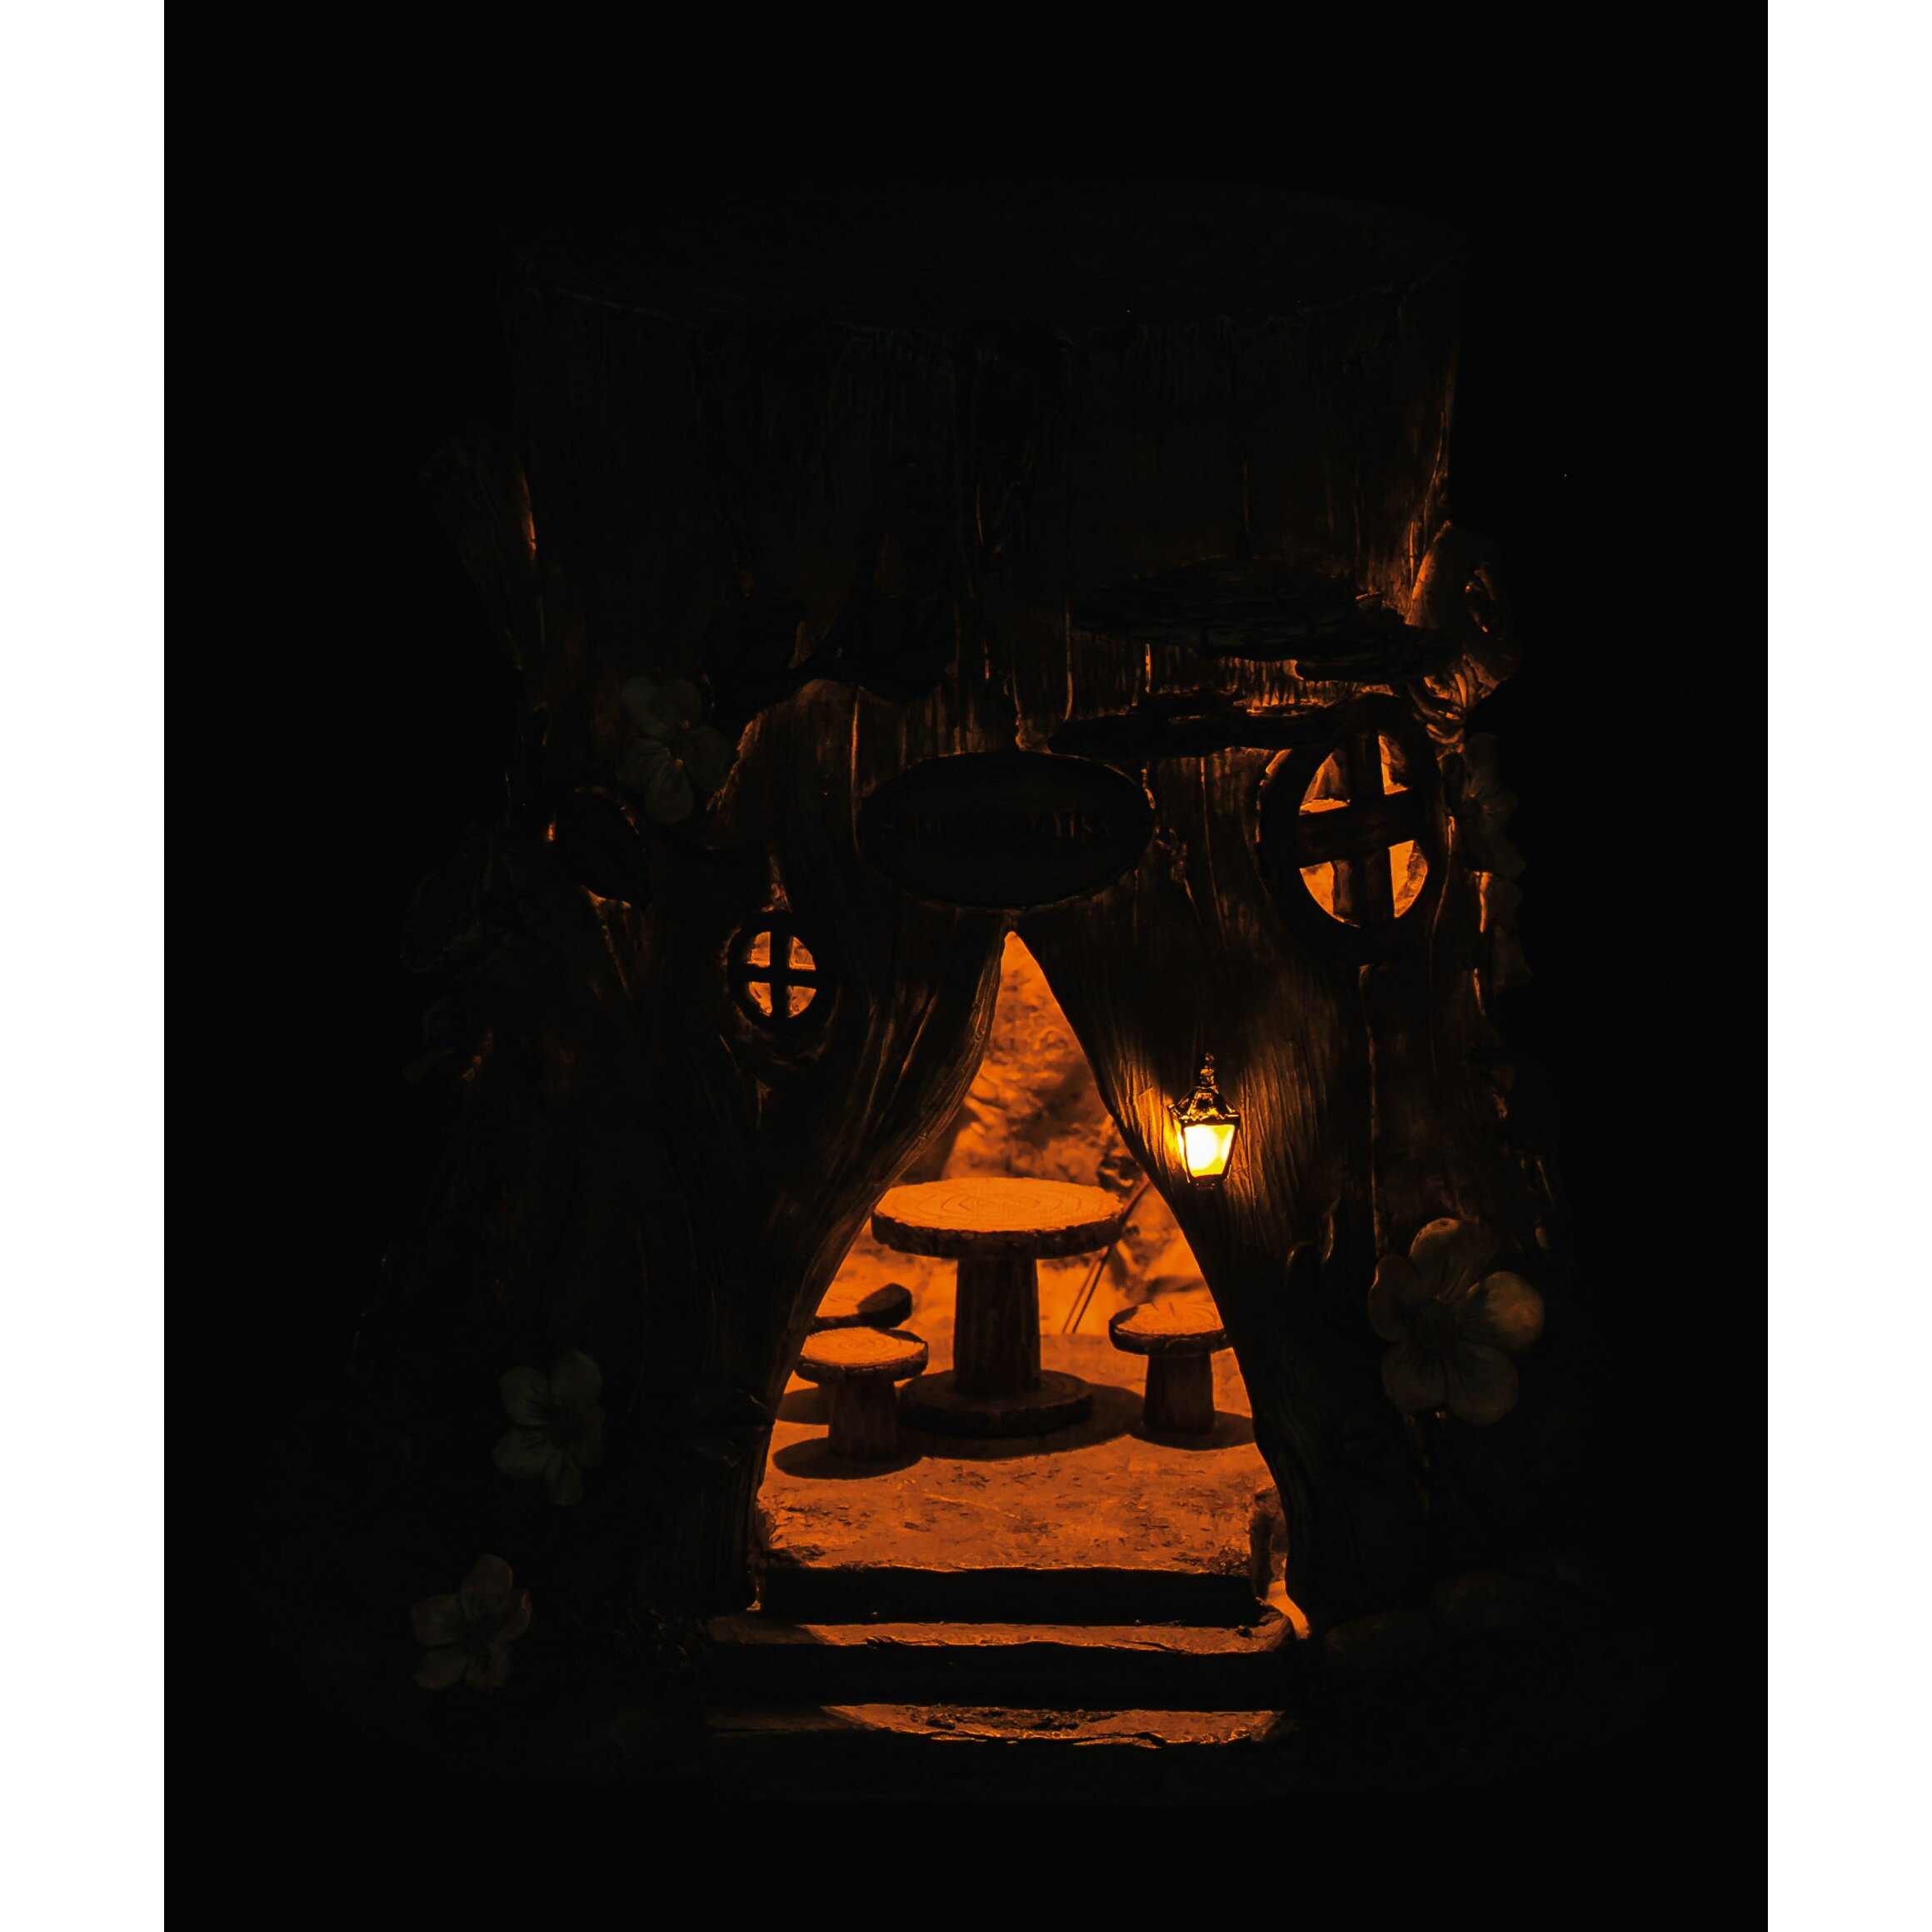 Lighted Tree Stump Fairy House Figurine Wayfair